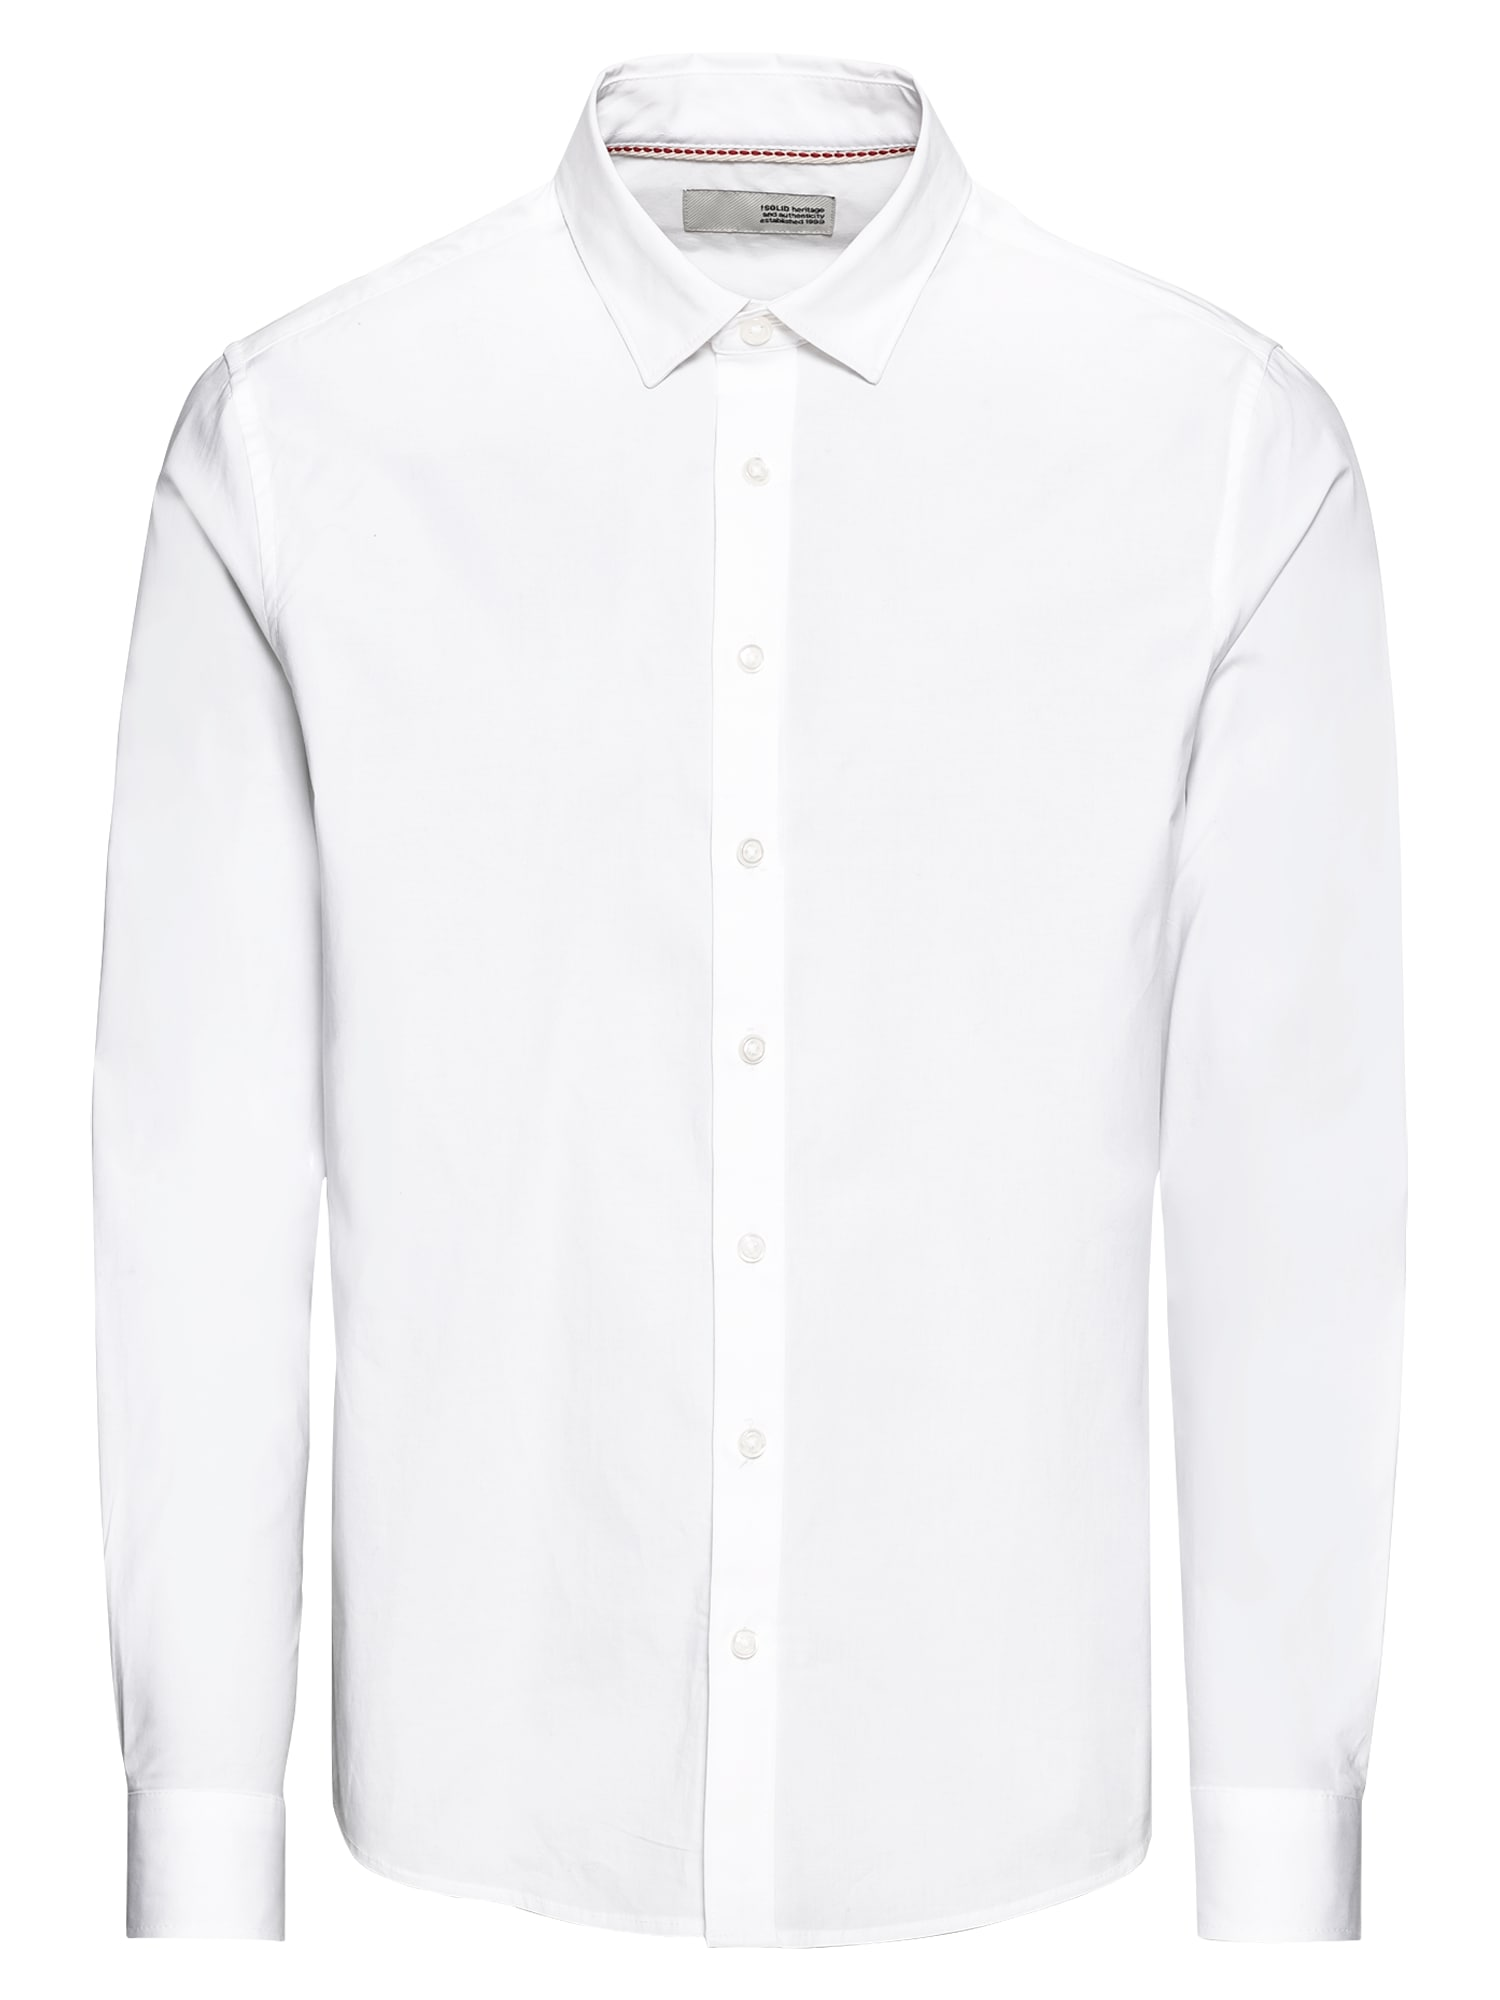 Košile Shirt - Tyler LS bílá !Solid